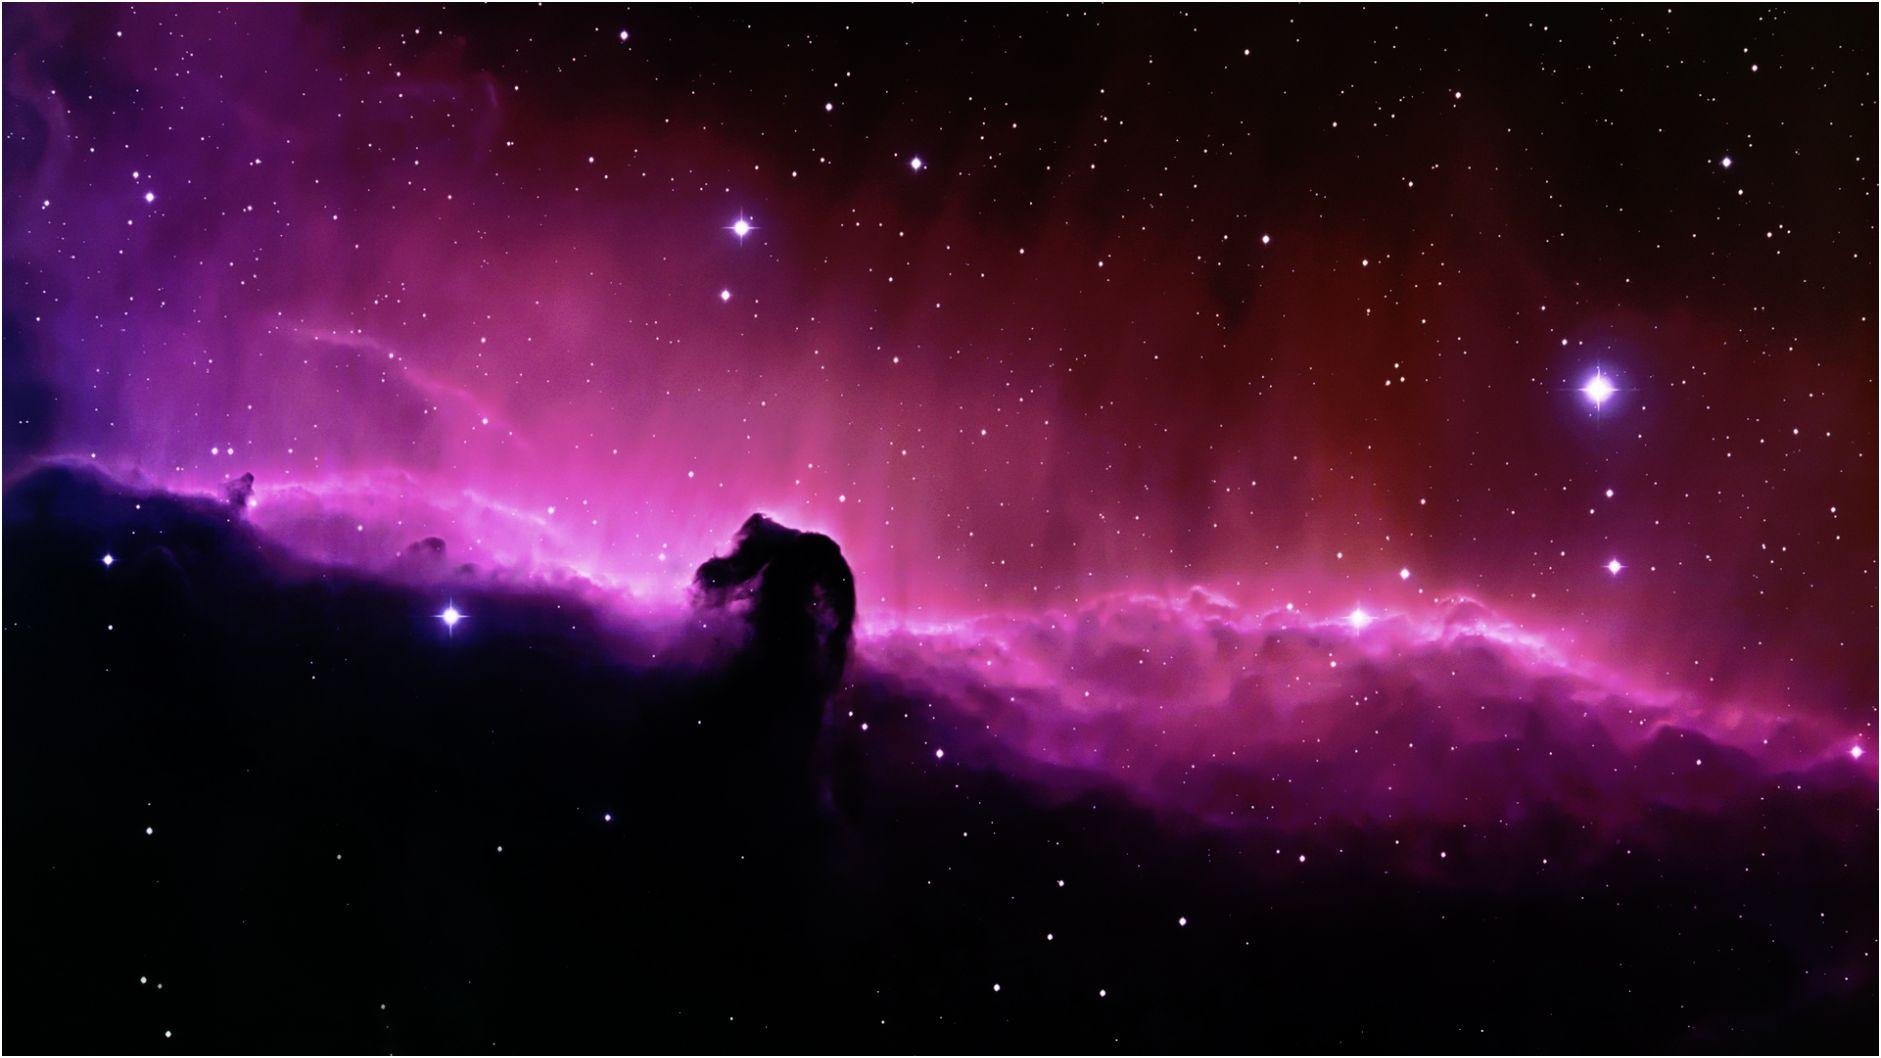 Purple Light In Space Wallpaper Faxo Faxo